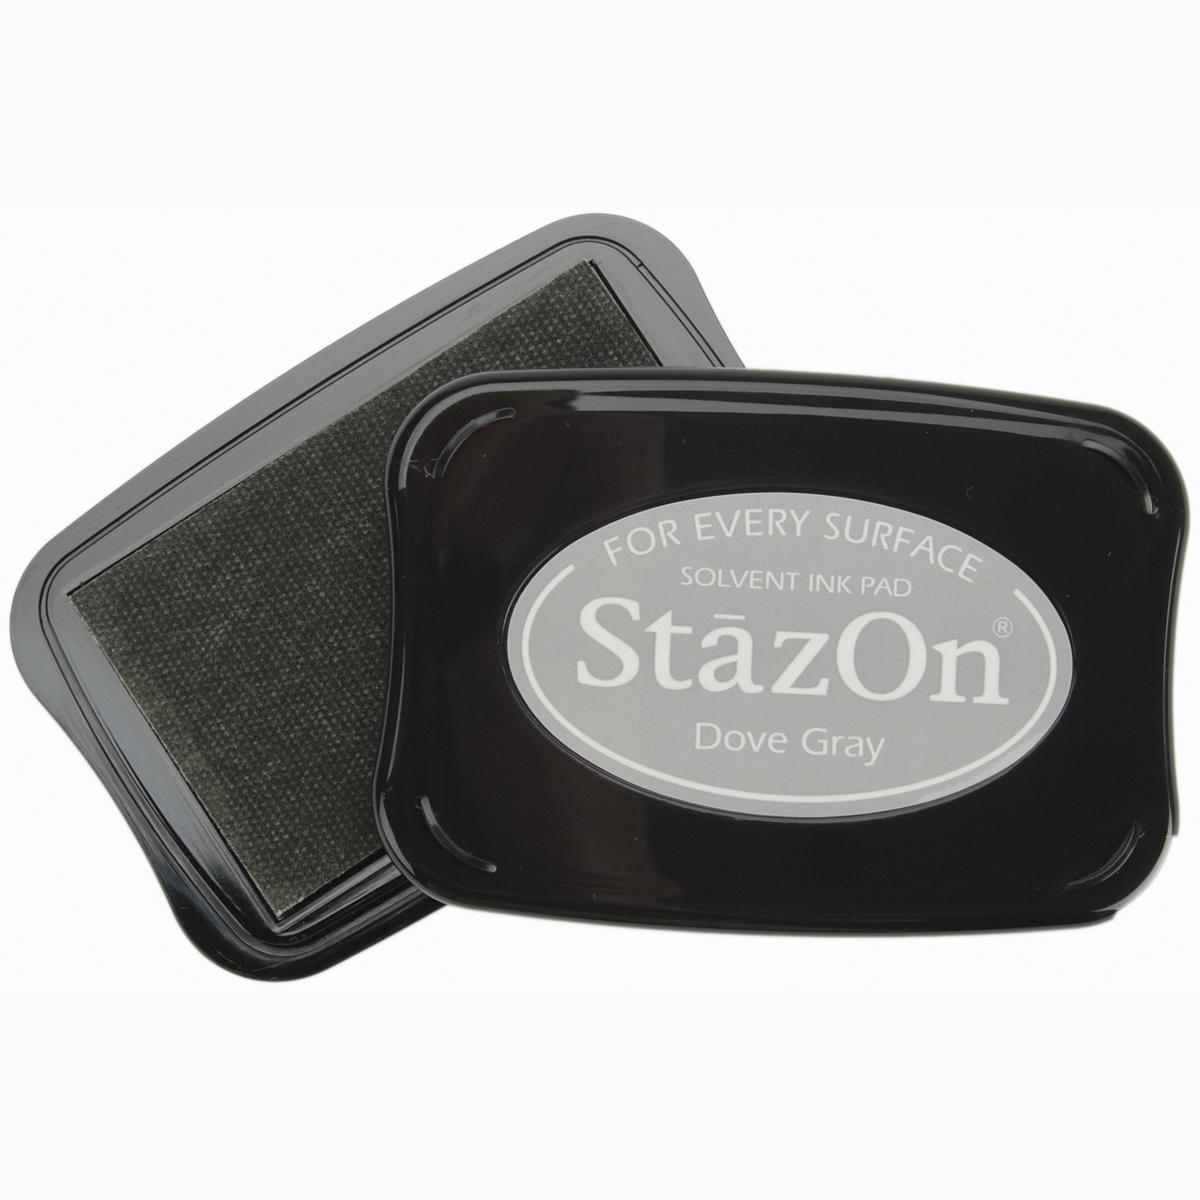 StazOn Solvent Ink Pad-Dove Gray